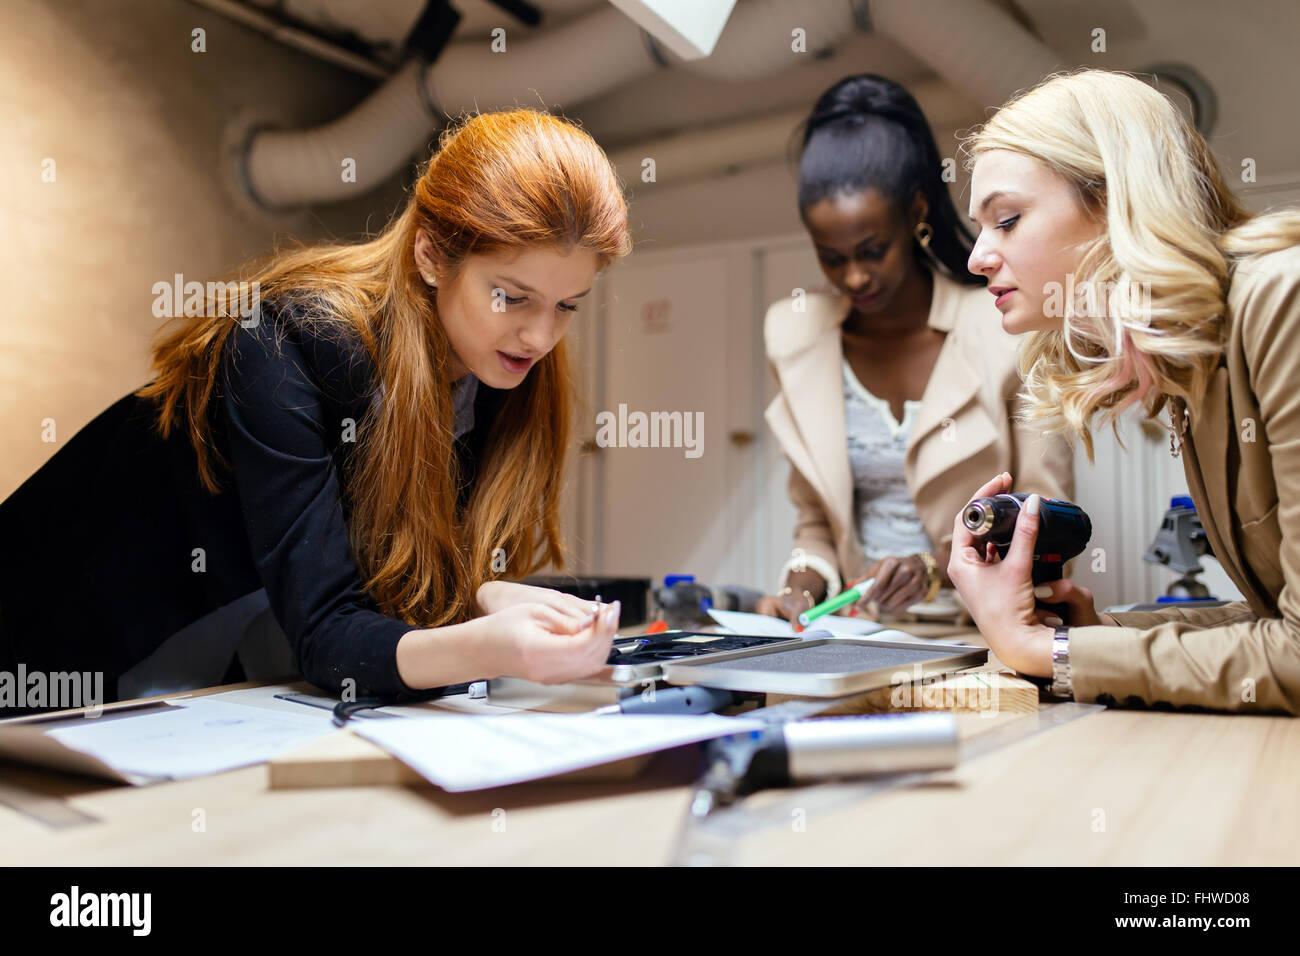 Equipo de Trabajo sobre el proyecto juntos y compartir ideas en el taller Imagen De Stock